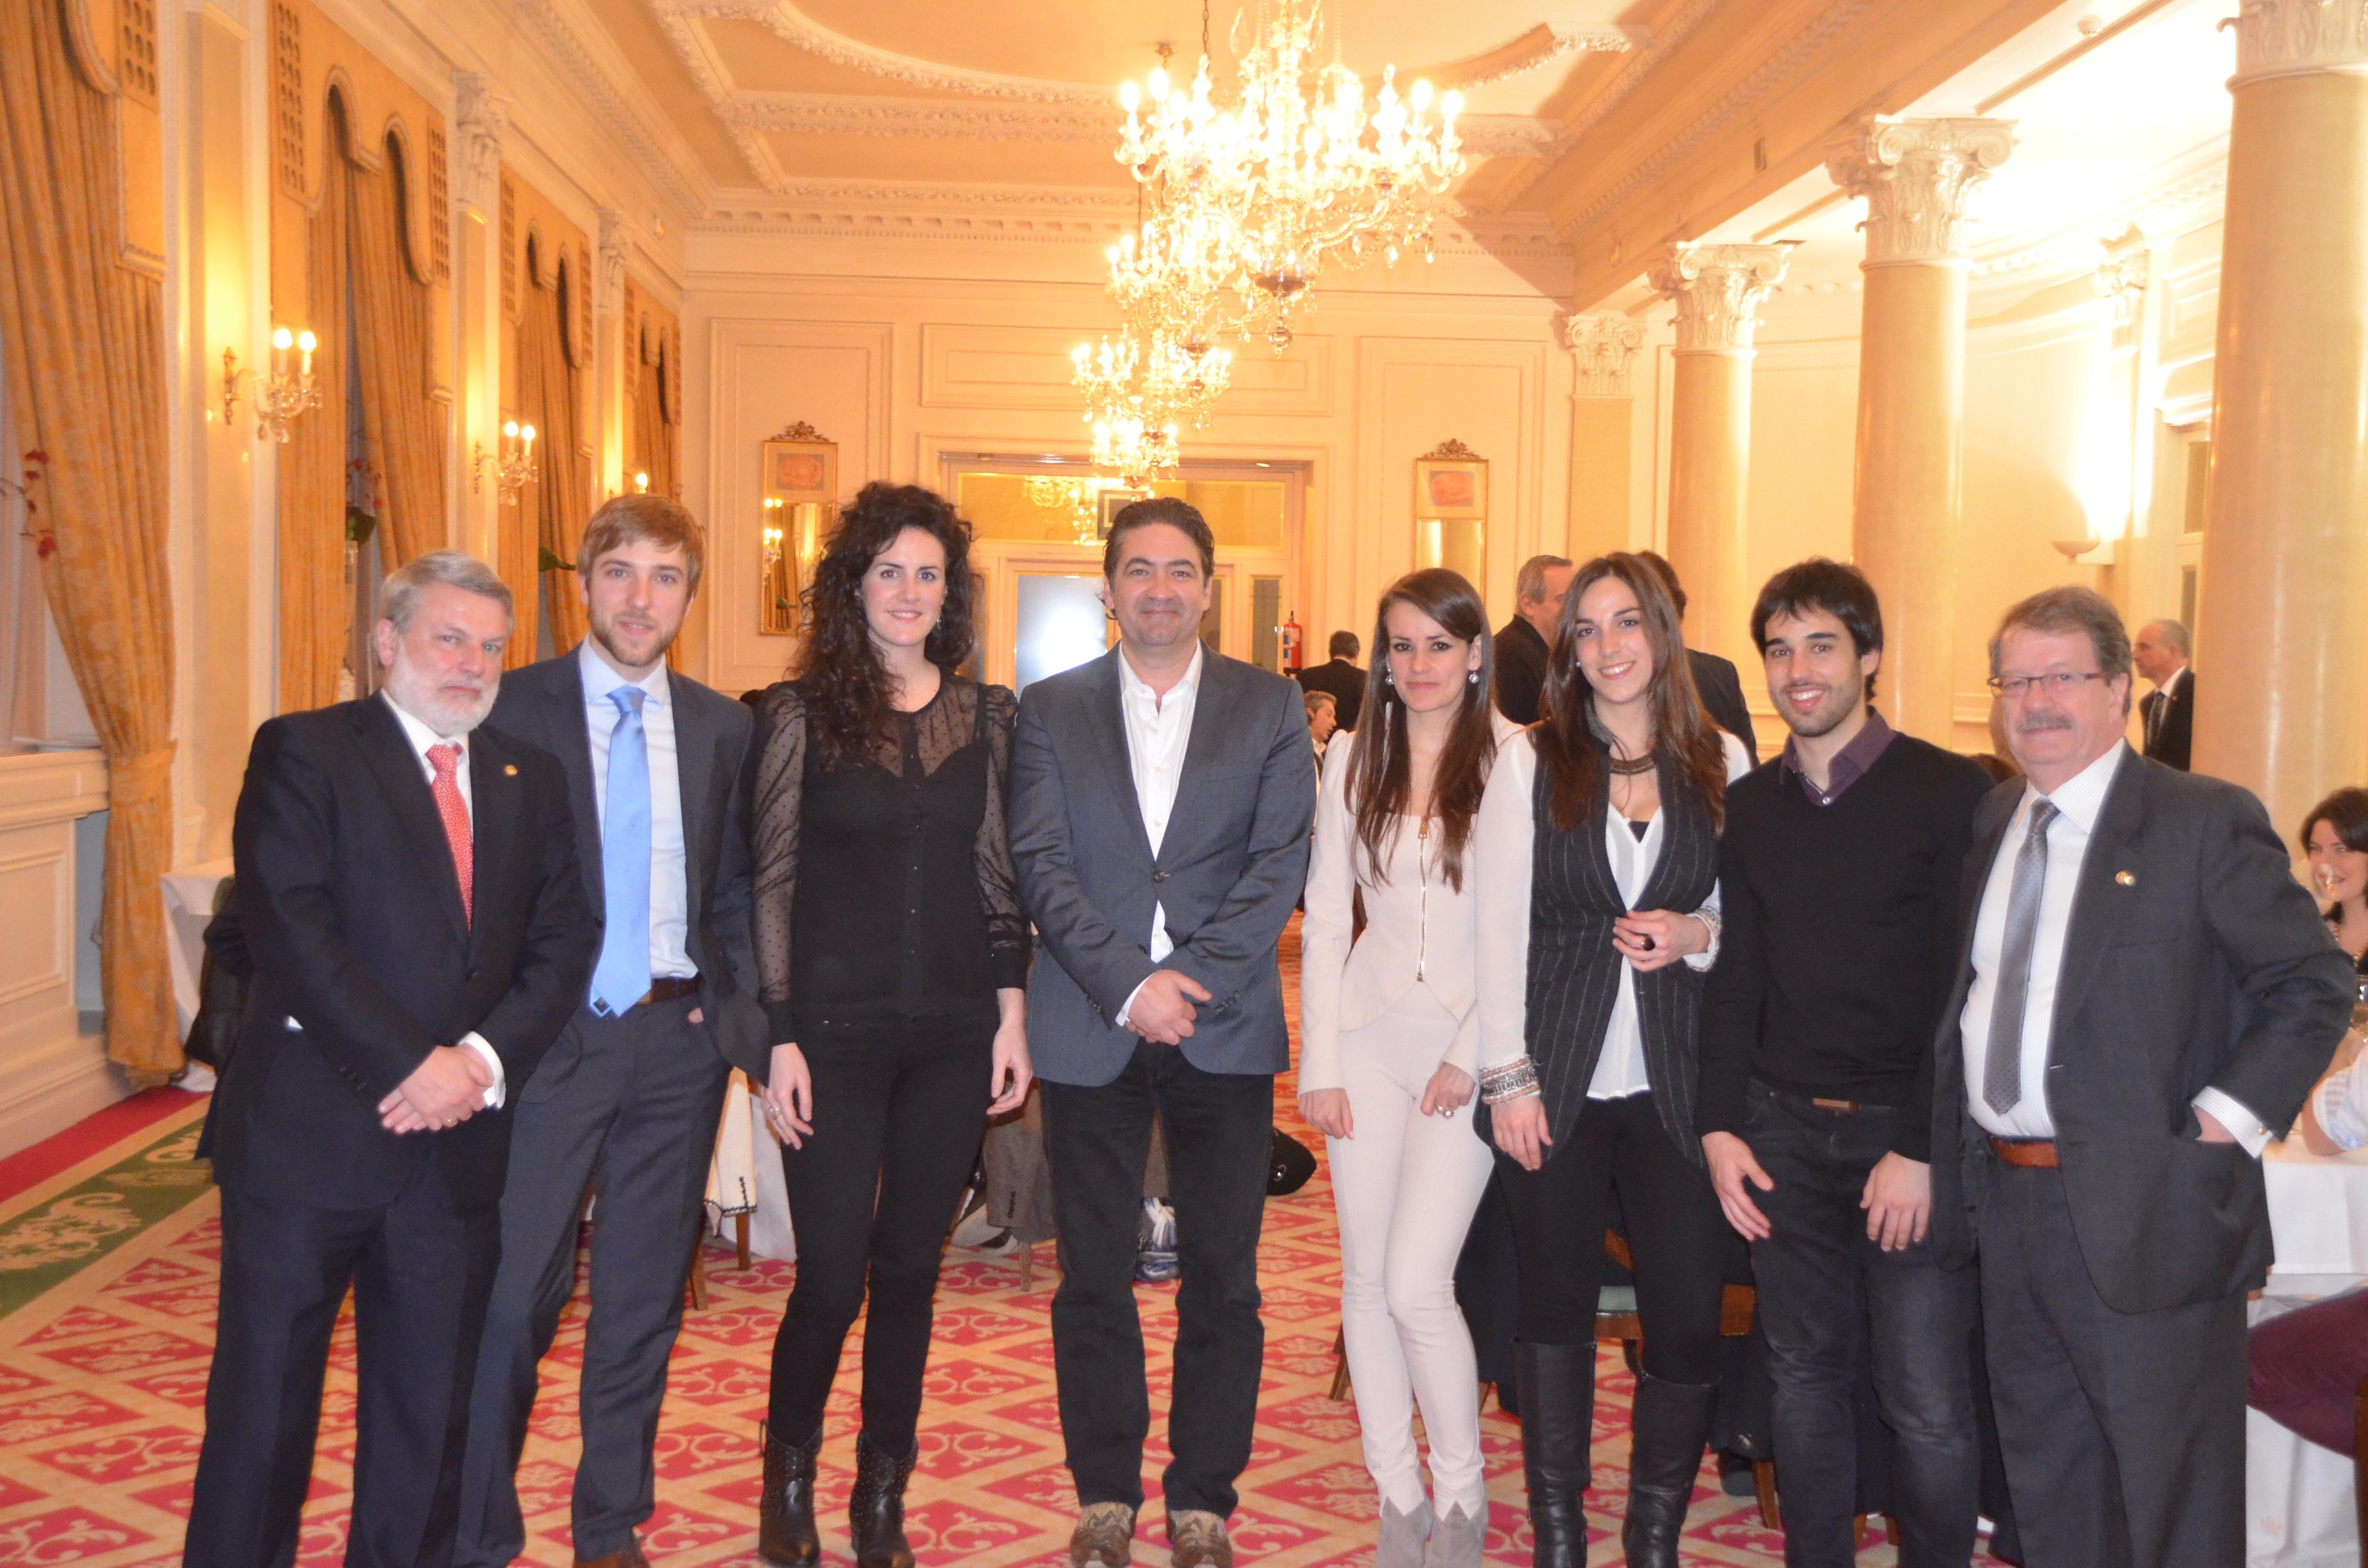 el equipo de edibita acude a la cena del coavn con motivo de la fiesta patronal edibita empresa y de en bilbao bizkaia